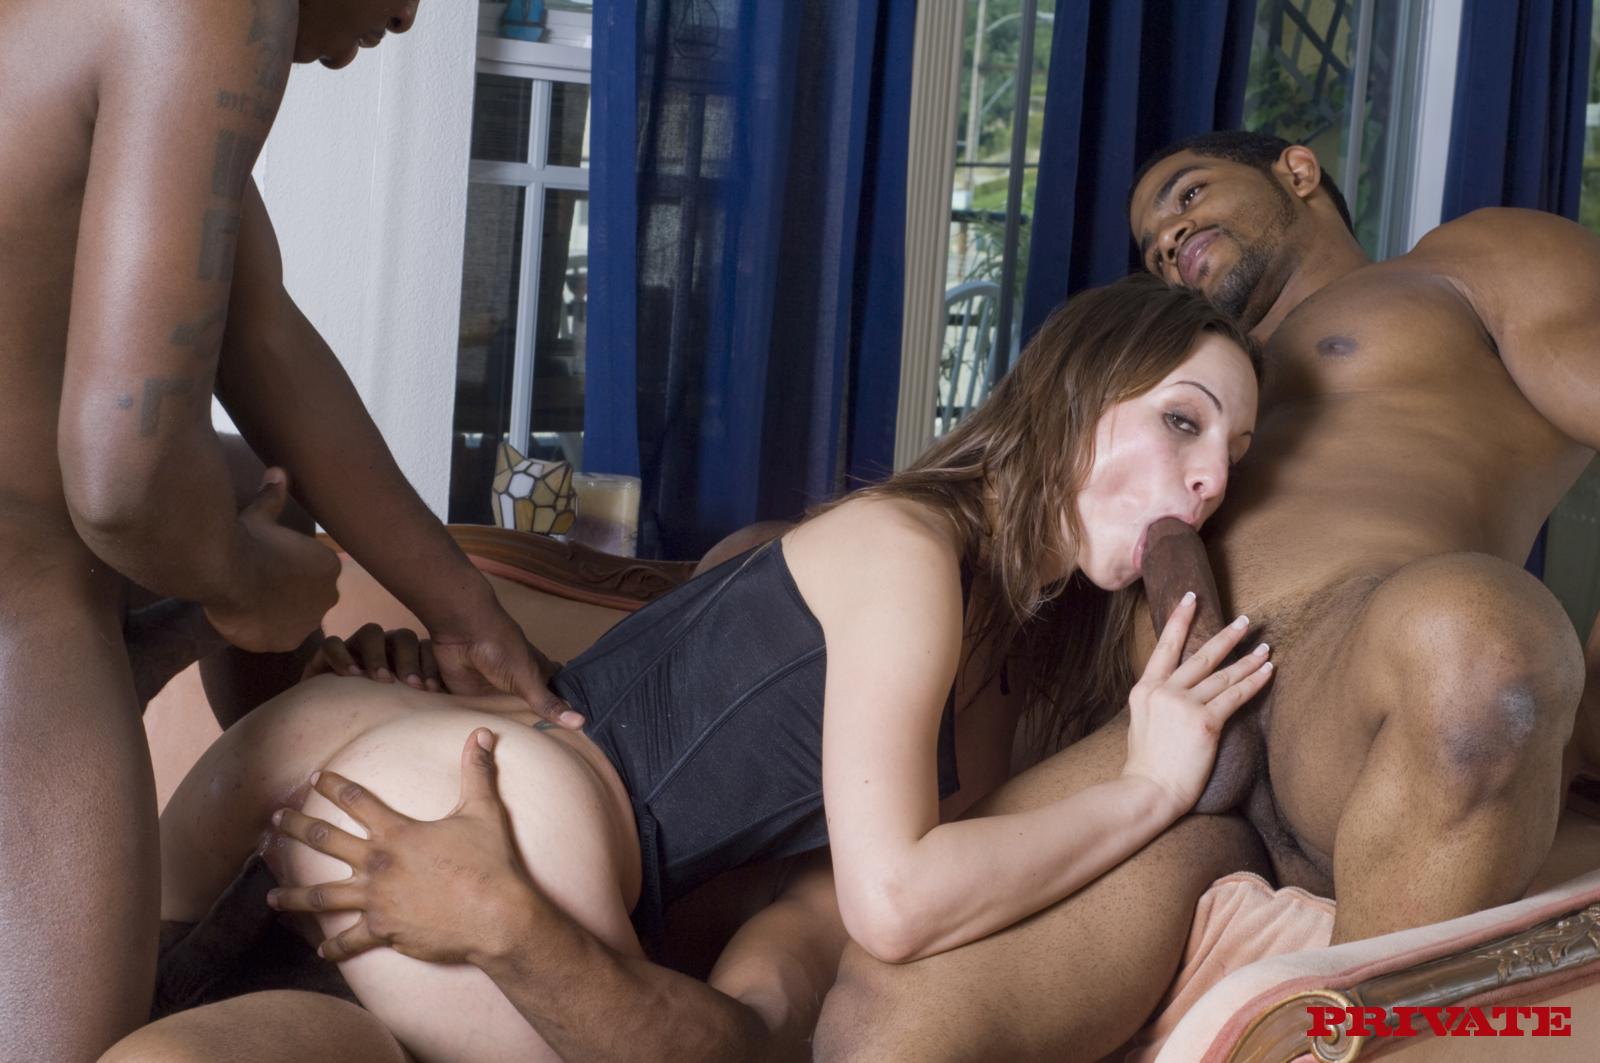 Секс черные с белые молоденькие, Порно с неграми и межрасовый секс. Видео секса 3 фотография